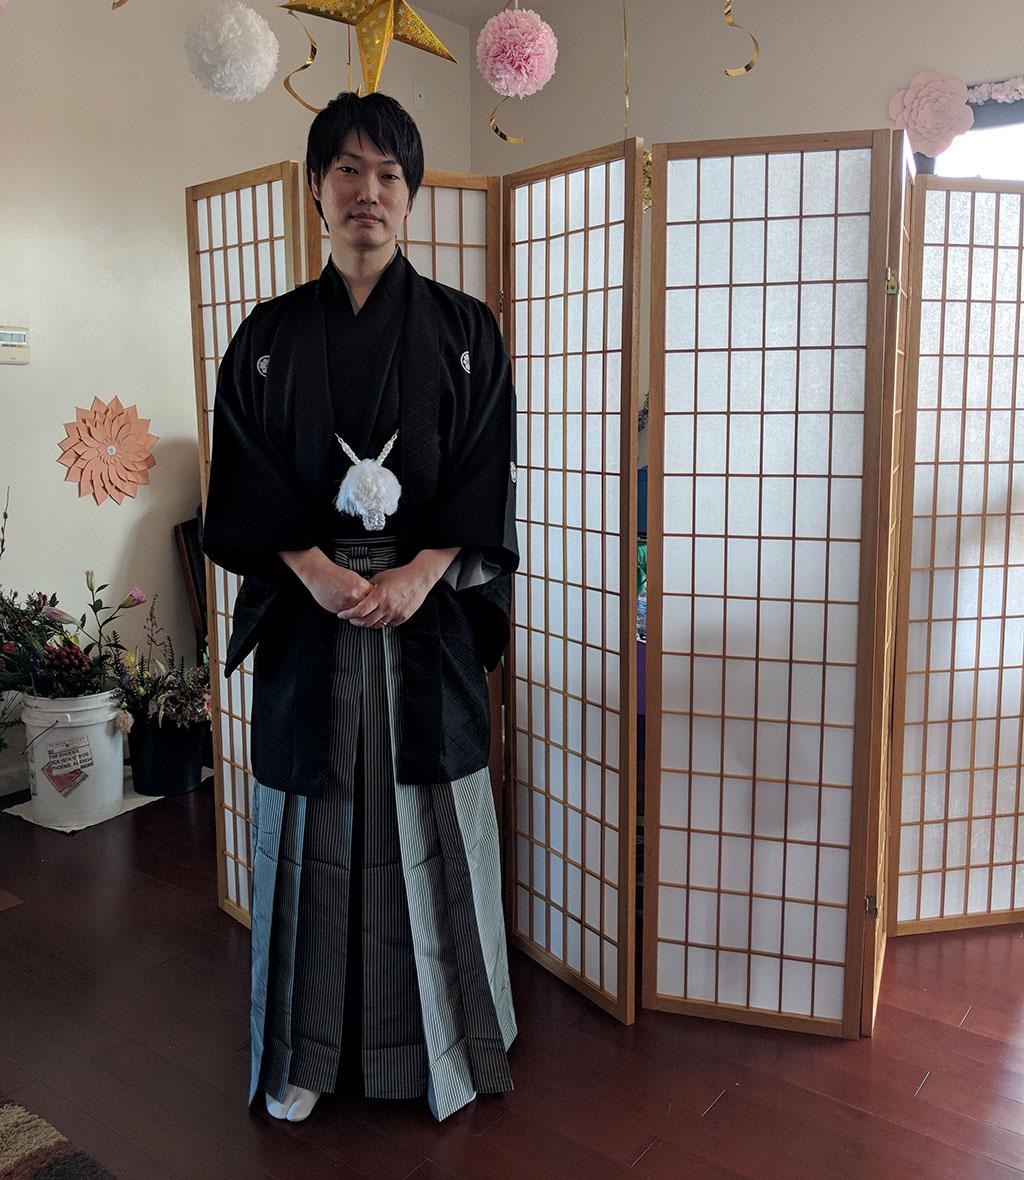 Professor Takabayashi in kimona